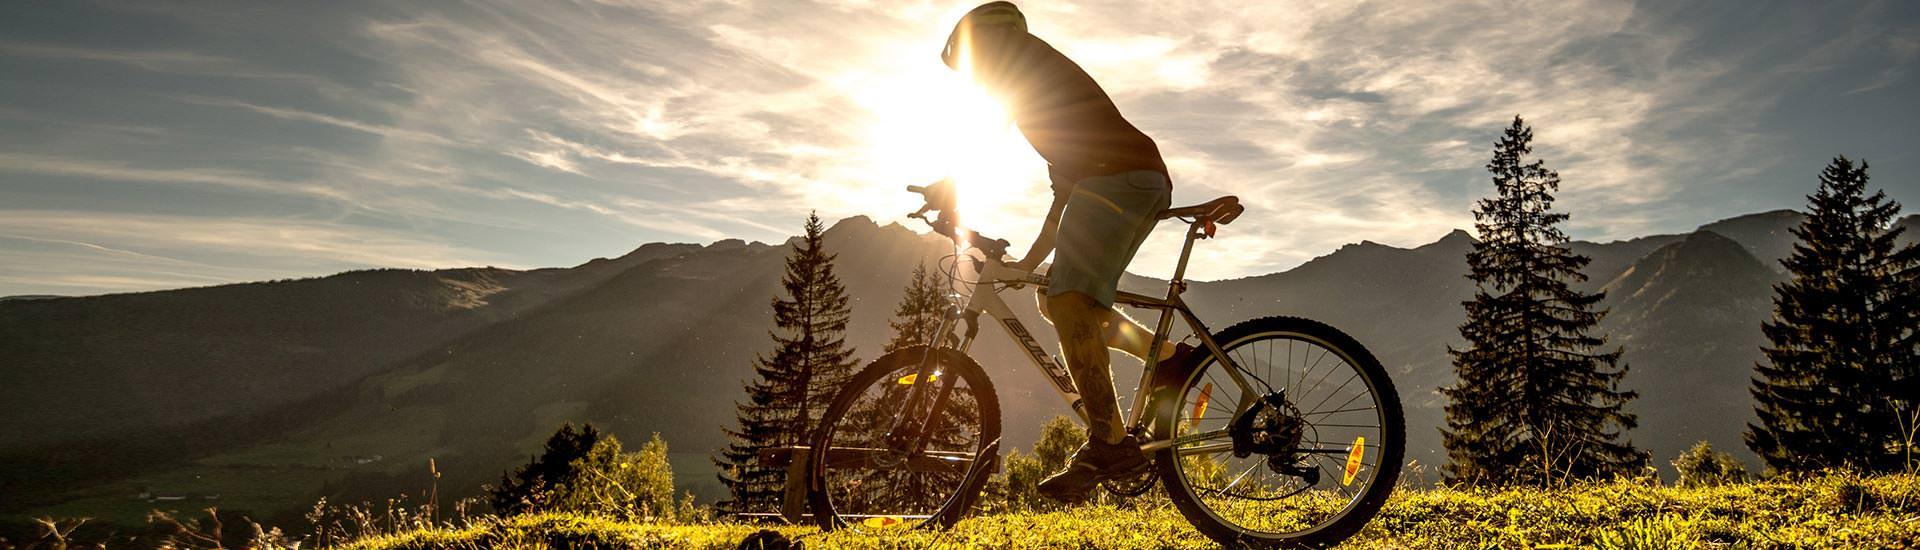 Hotel Impuls Tirol Biken in Gastein